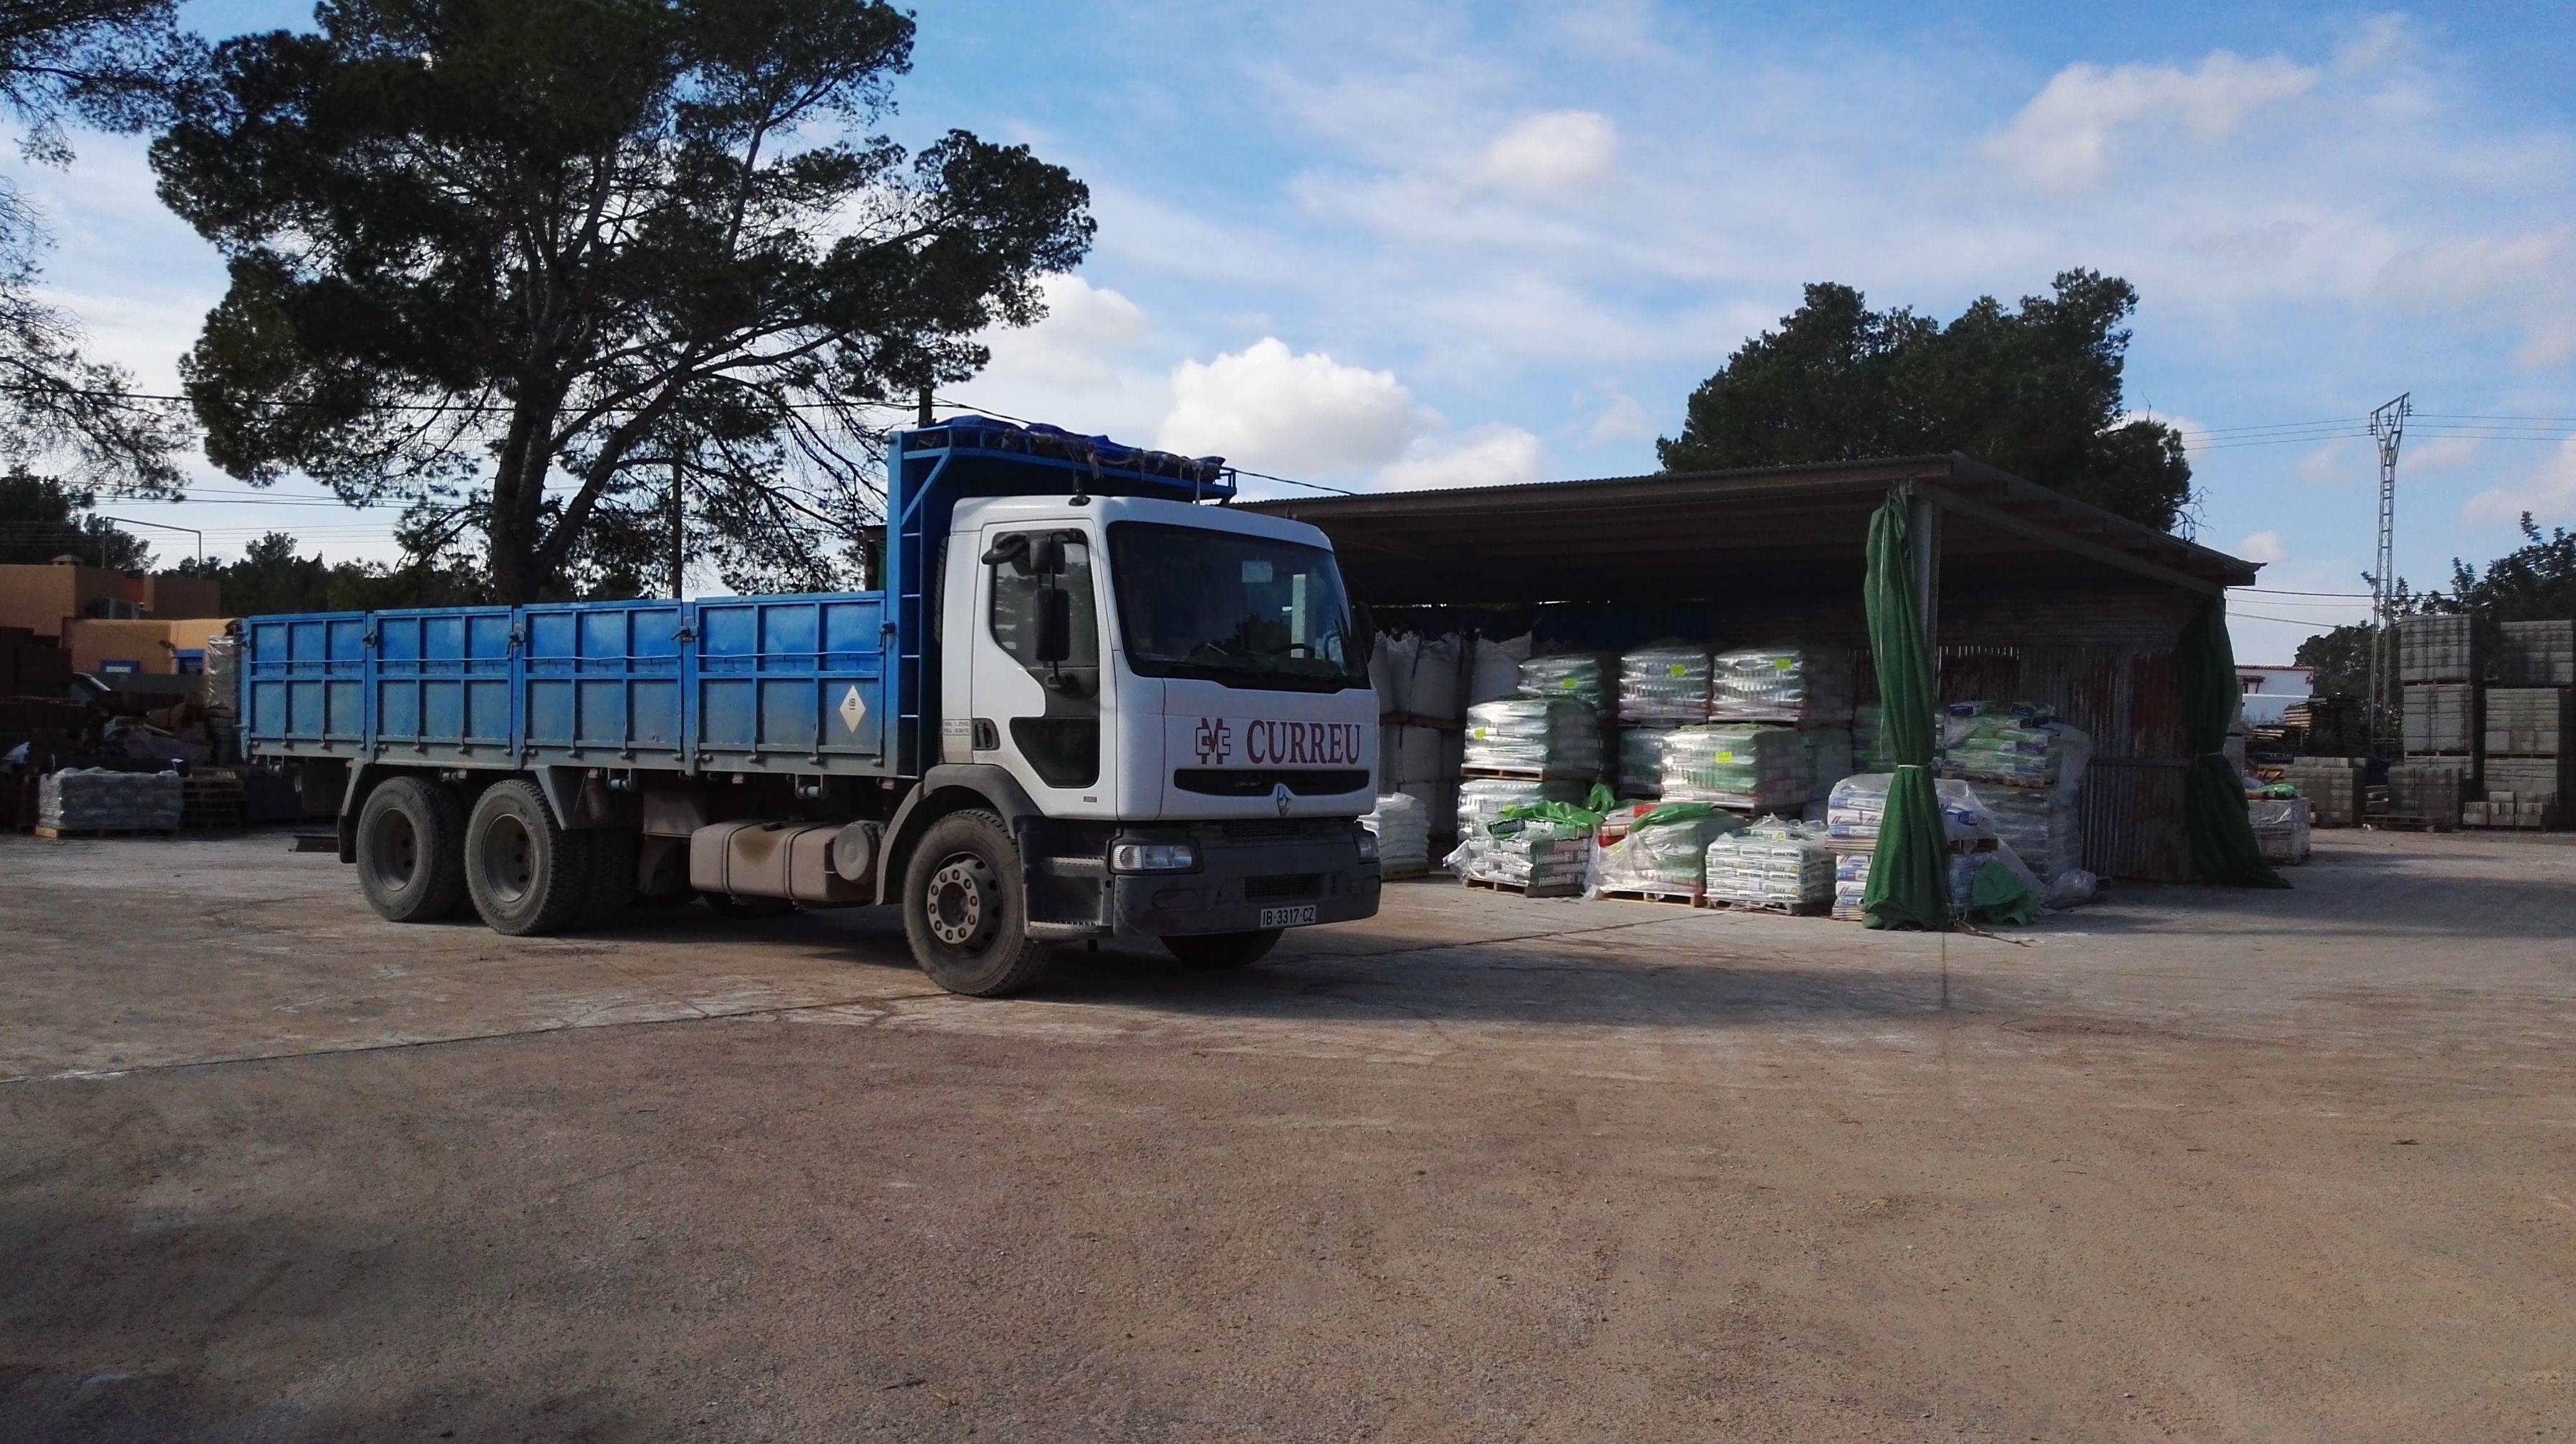 Foto 3 de Materiales de construcción en Santa Eulària des Riu | Can Curreu